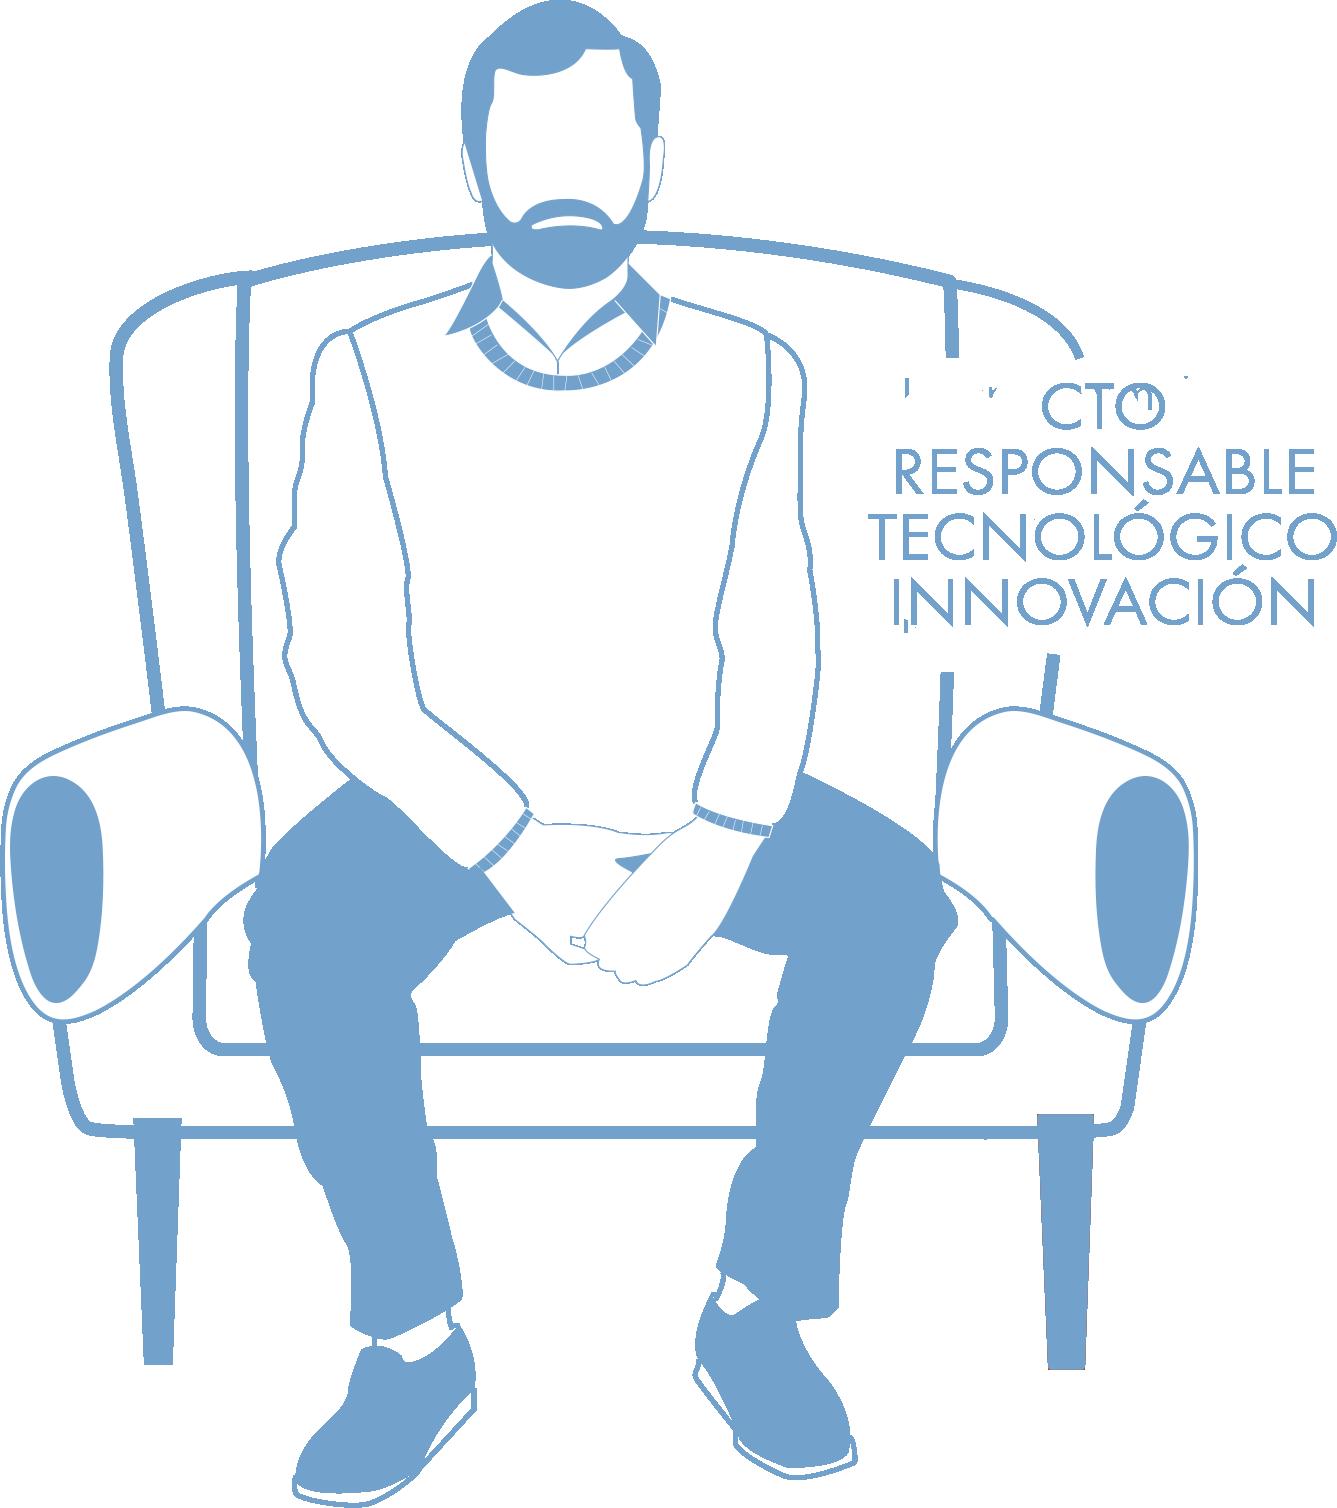 CTO RESPONSABLE TECNOLÓGICO INNOVACIÓN